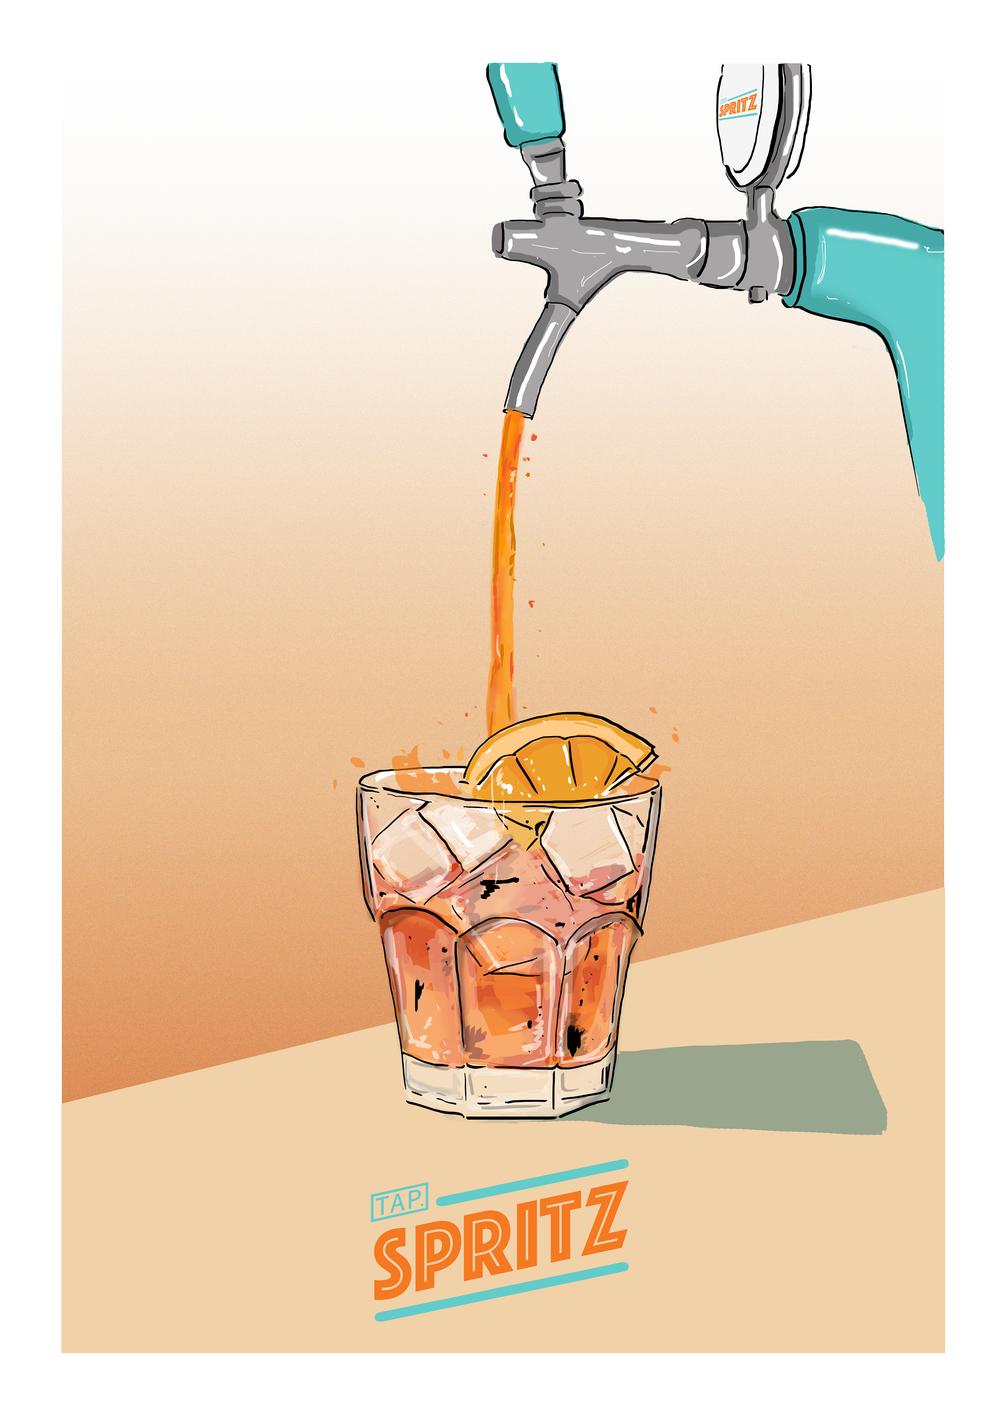 The Tap.spritz pour -